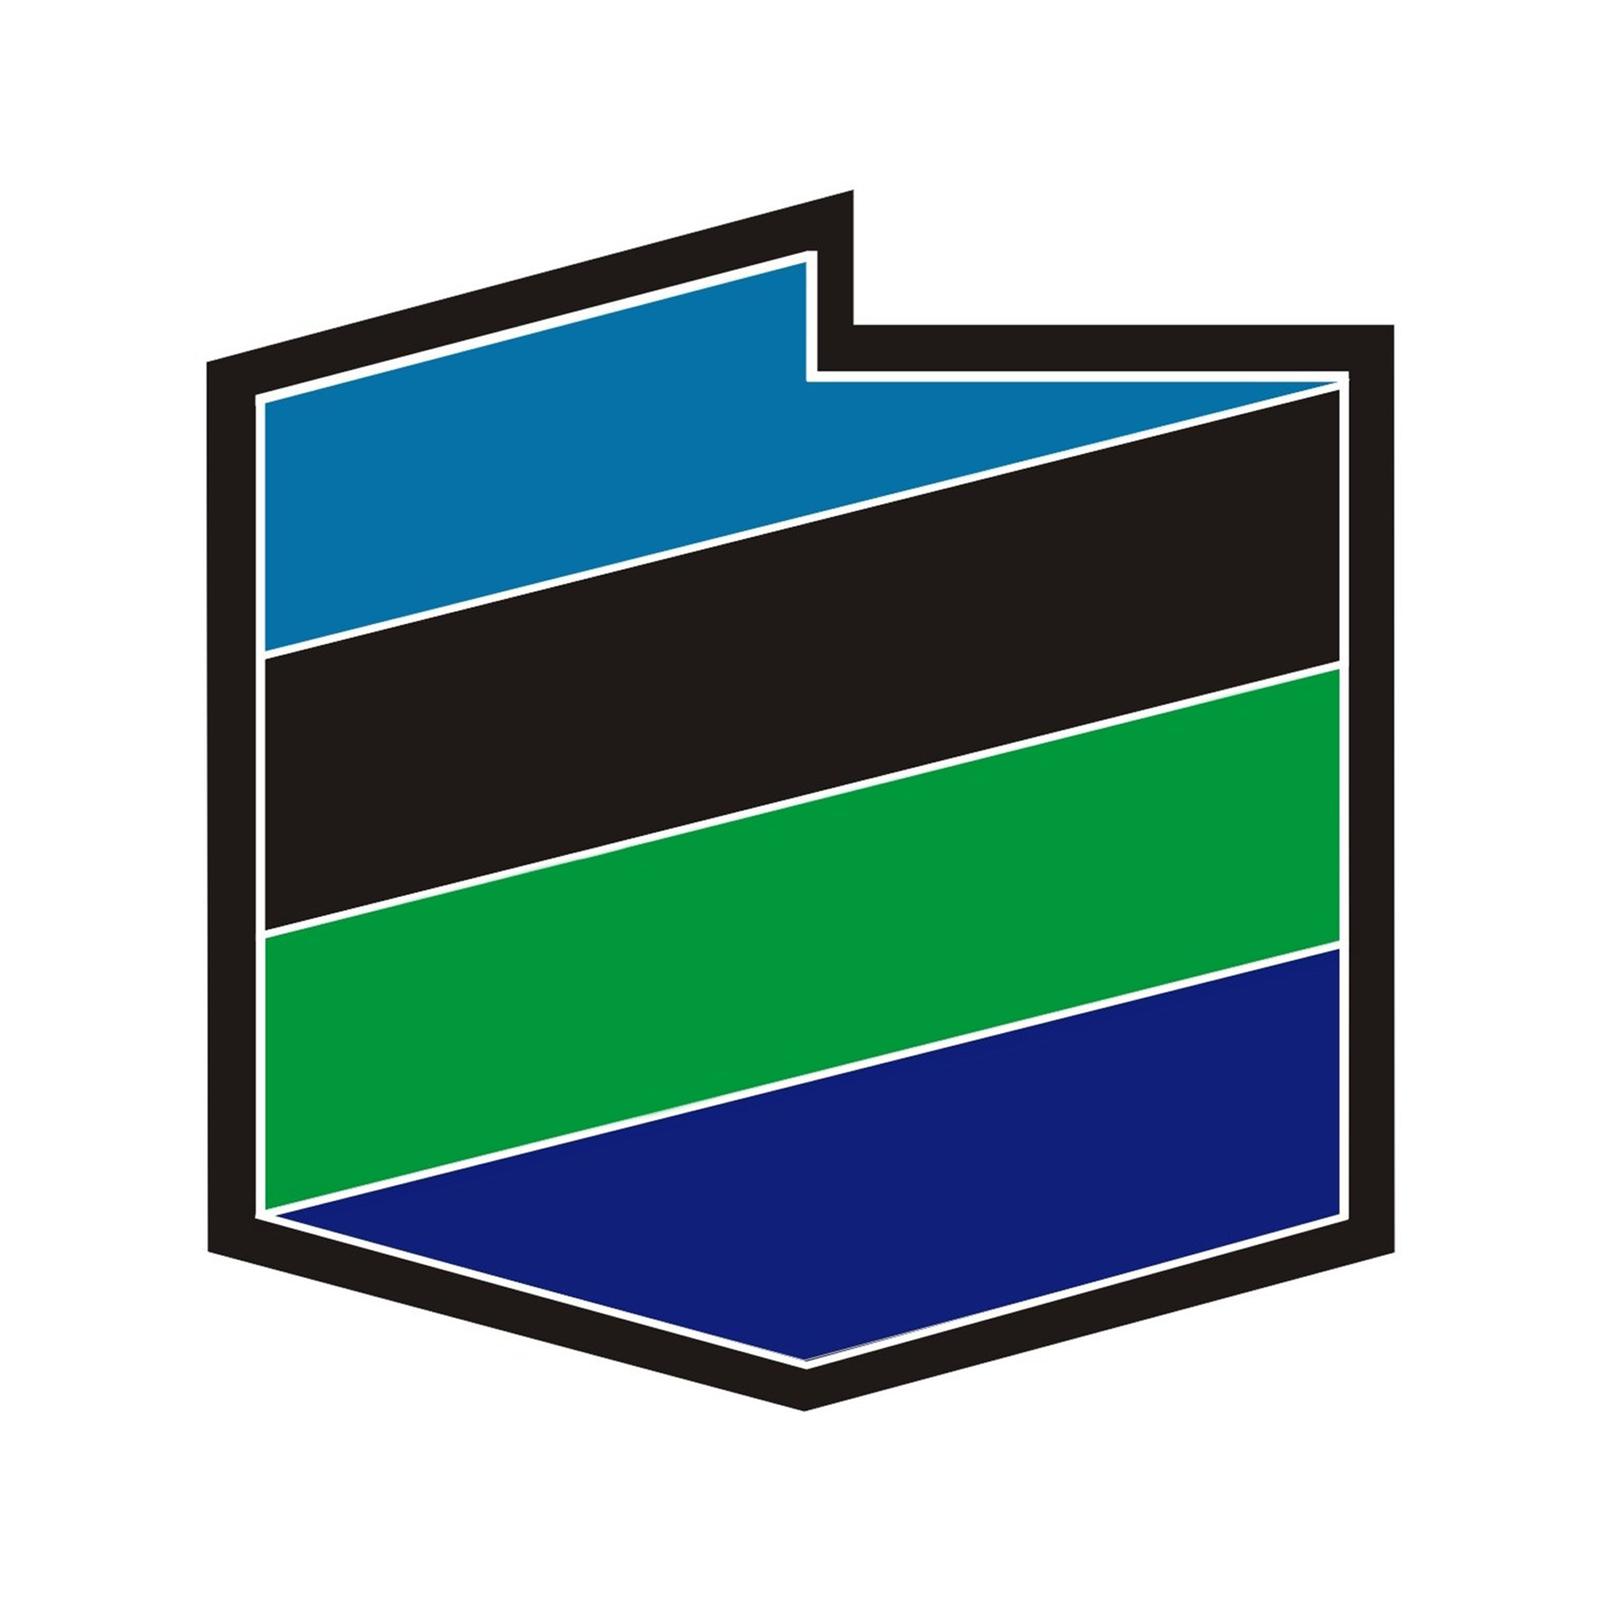 Logo wformie konturów mapy Polski. Wokół czarna obwódka. Powierzchnia logo podzielone prostokątnymi pasami. Pasy ułożone ukośnie, równolegle przylegając krawędziami. Pasy wznoszą się od lewej do prawej. Kolory pasów zmieniają się. Na dole kolor granatowy, wyżej zielony, następnie czarny ina górze niebieski.